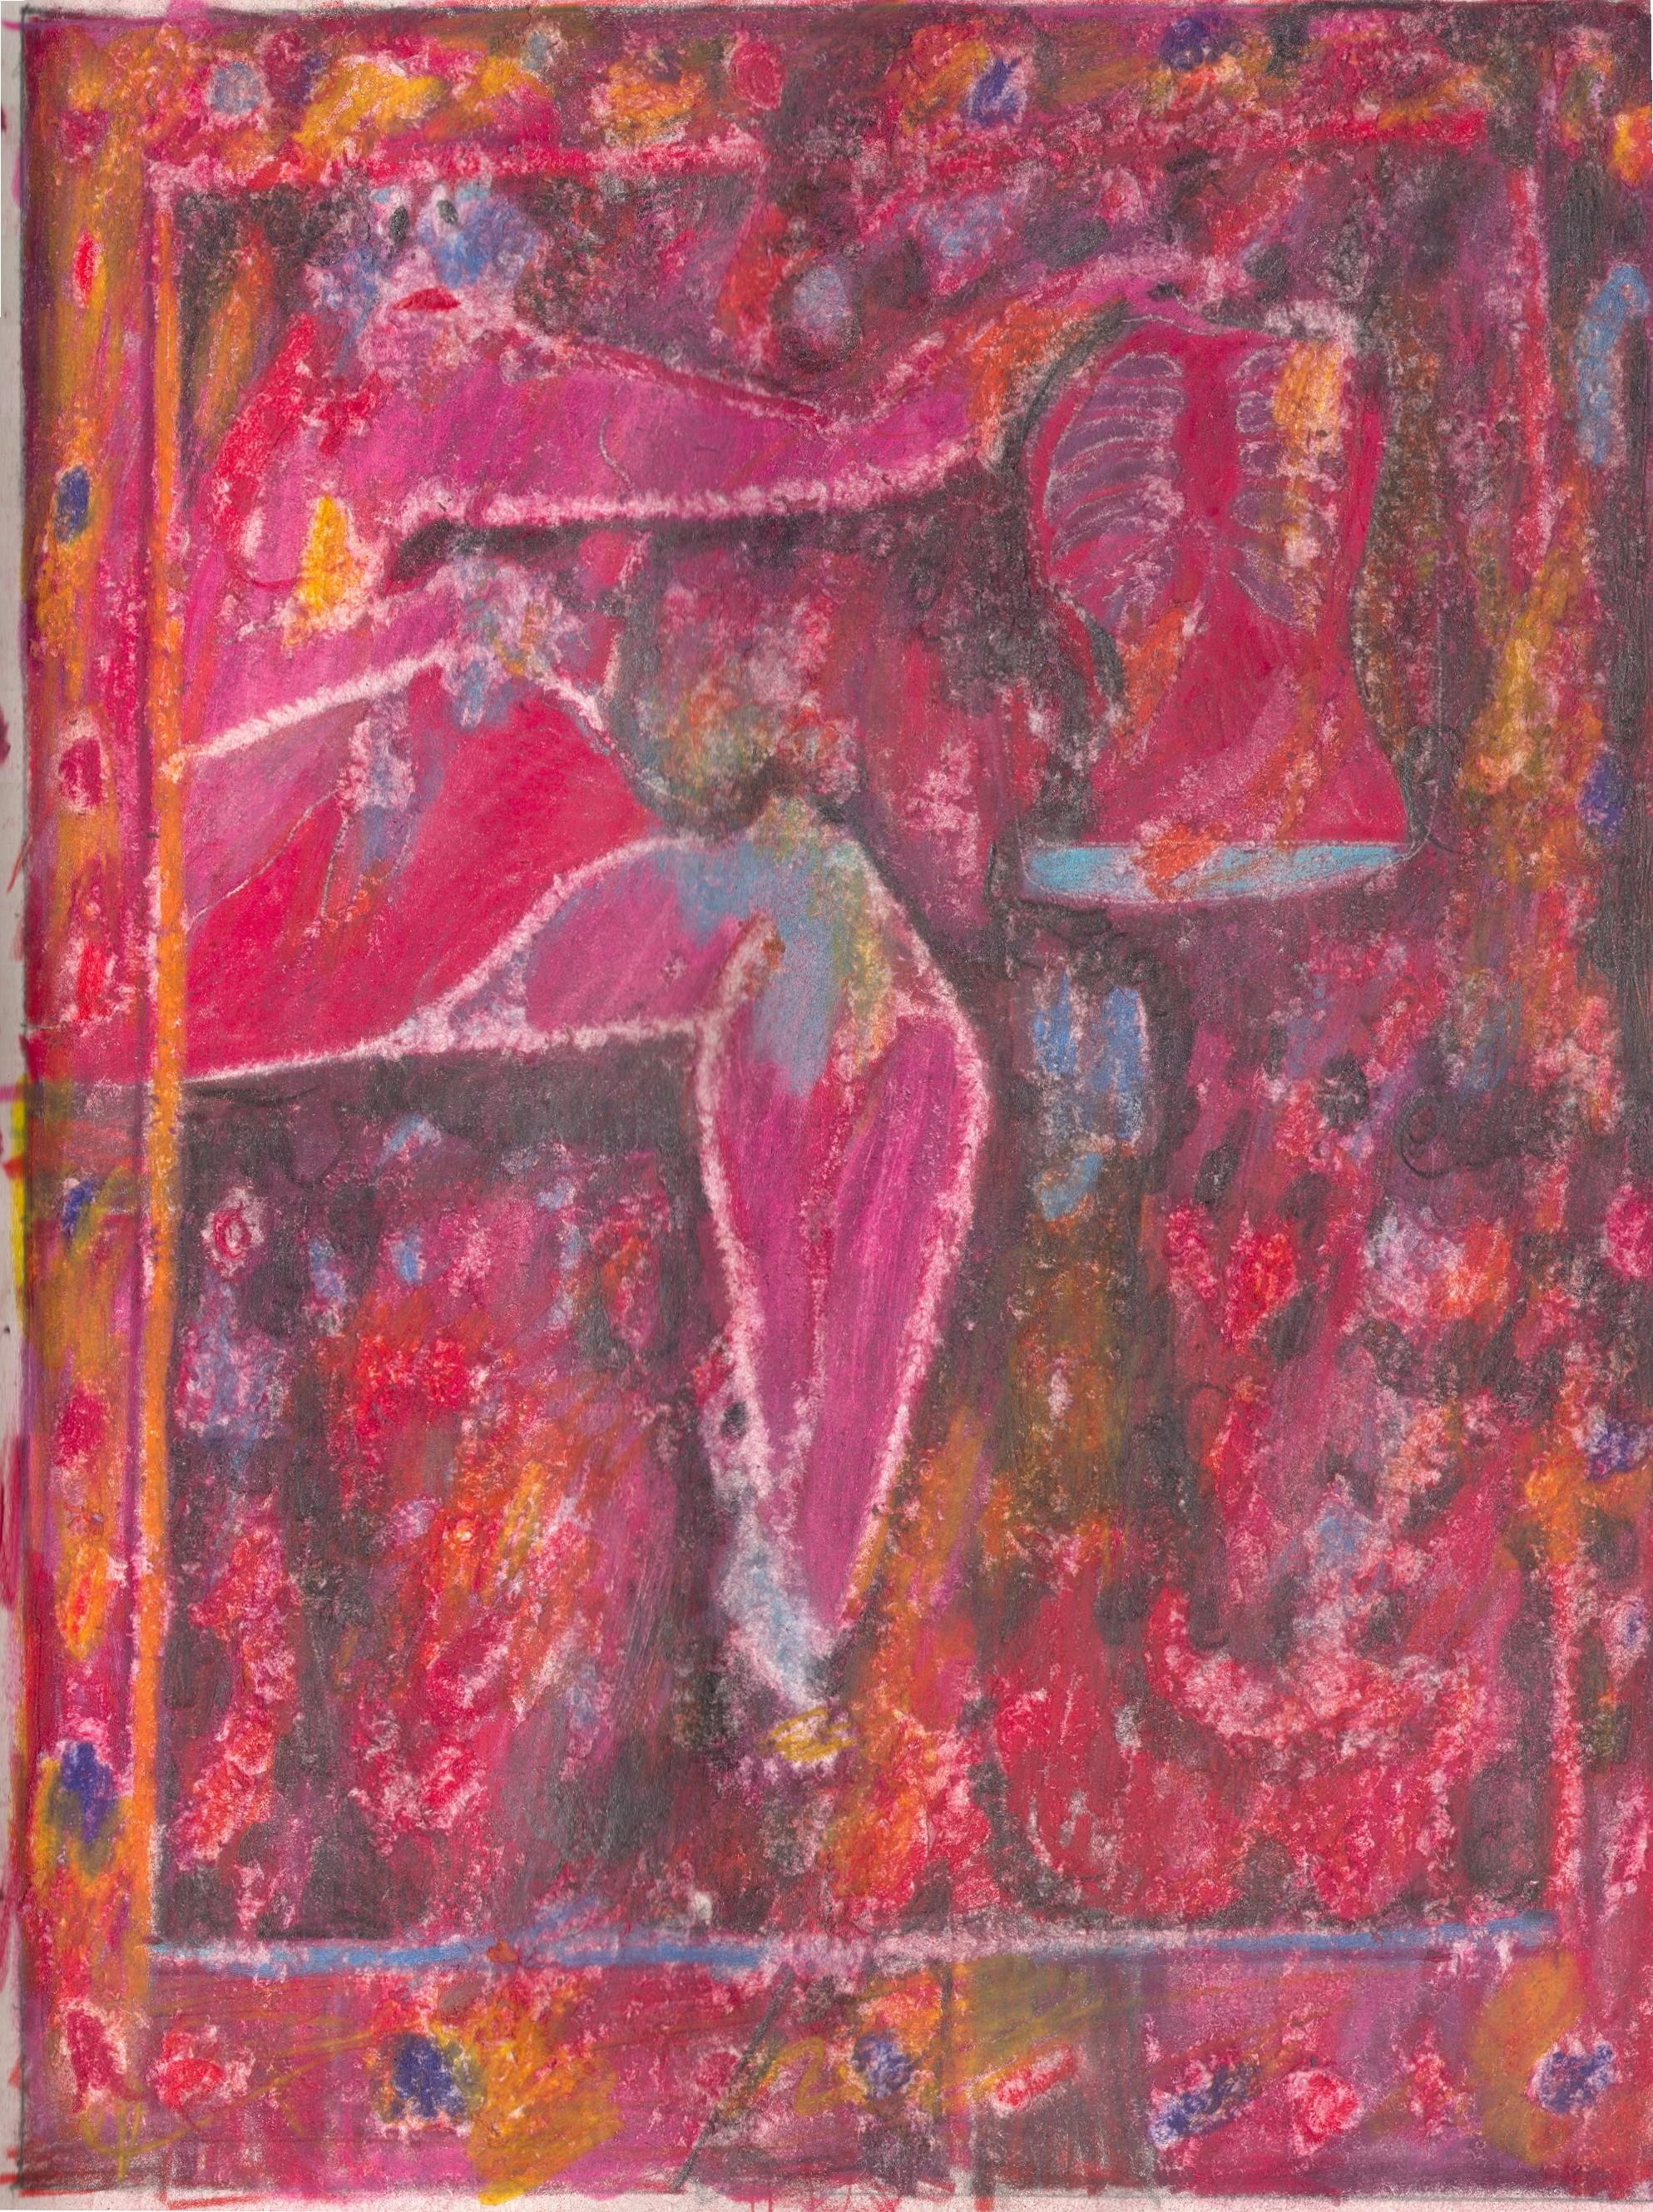 O.T. ( Pinup rx-ray II ), 2019  Buntstift auf Papier, 26x35.5cm